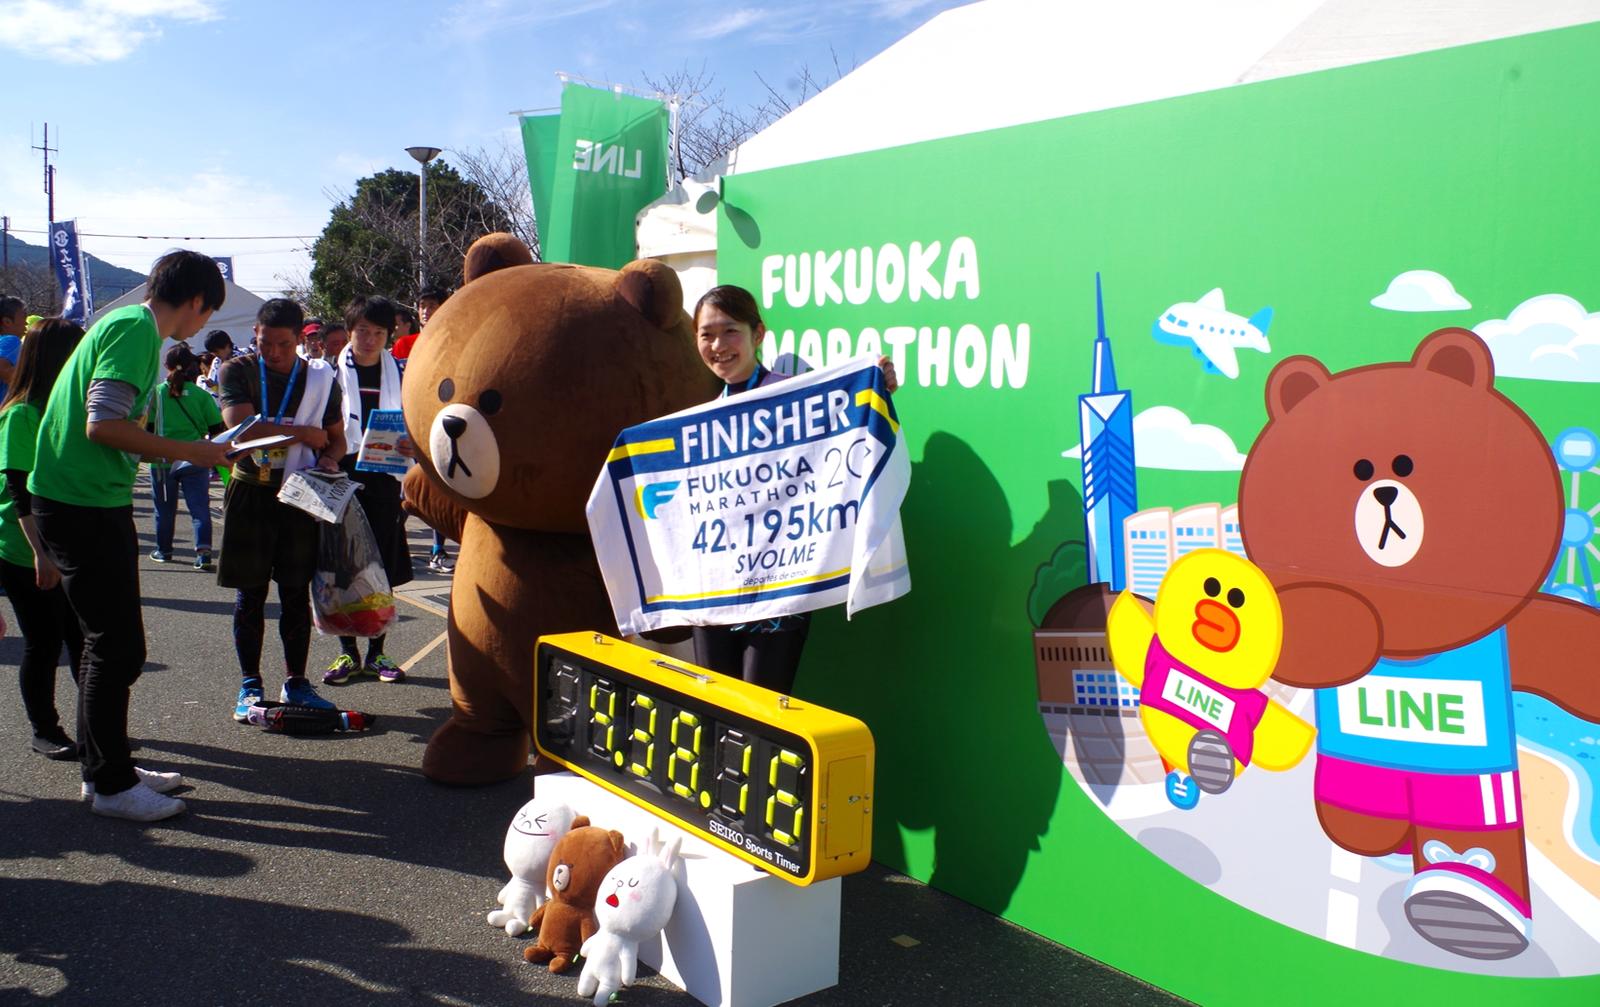 LINE  福岡マラソン_フォトスポット (2)